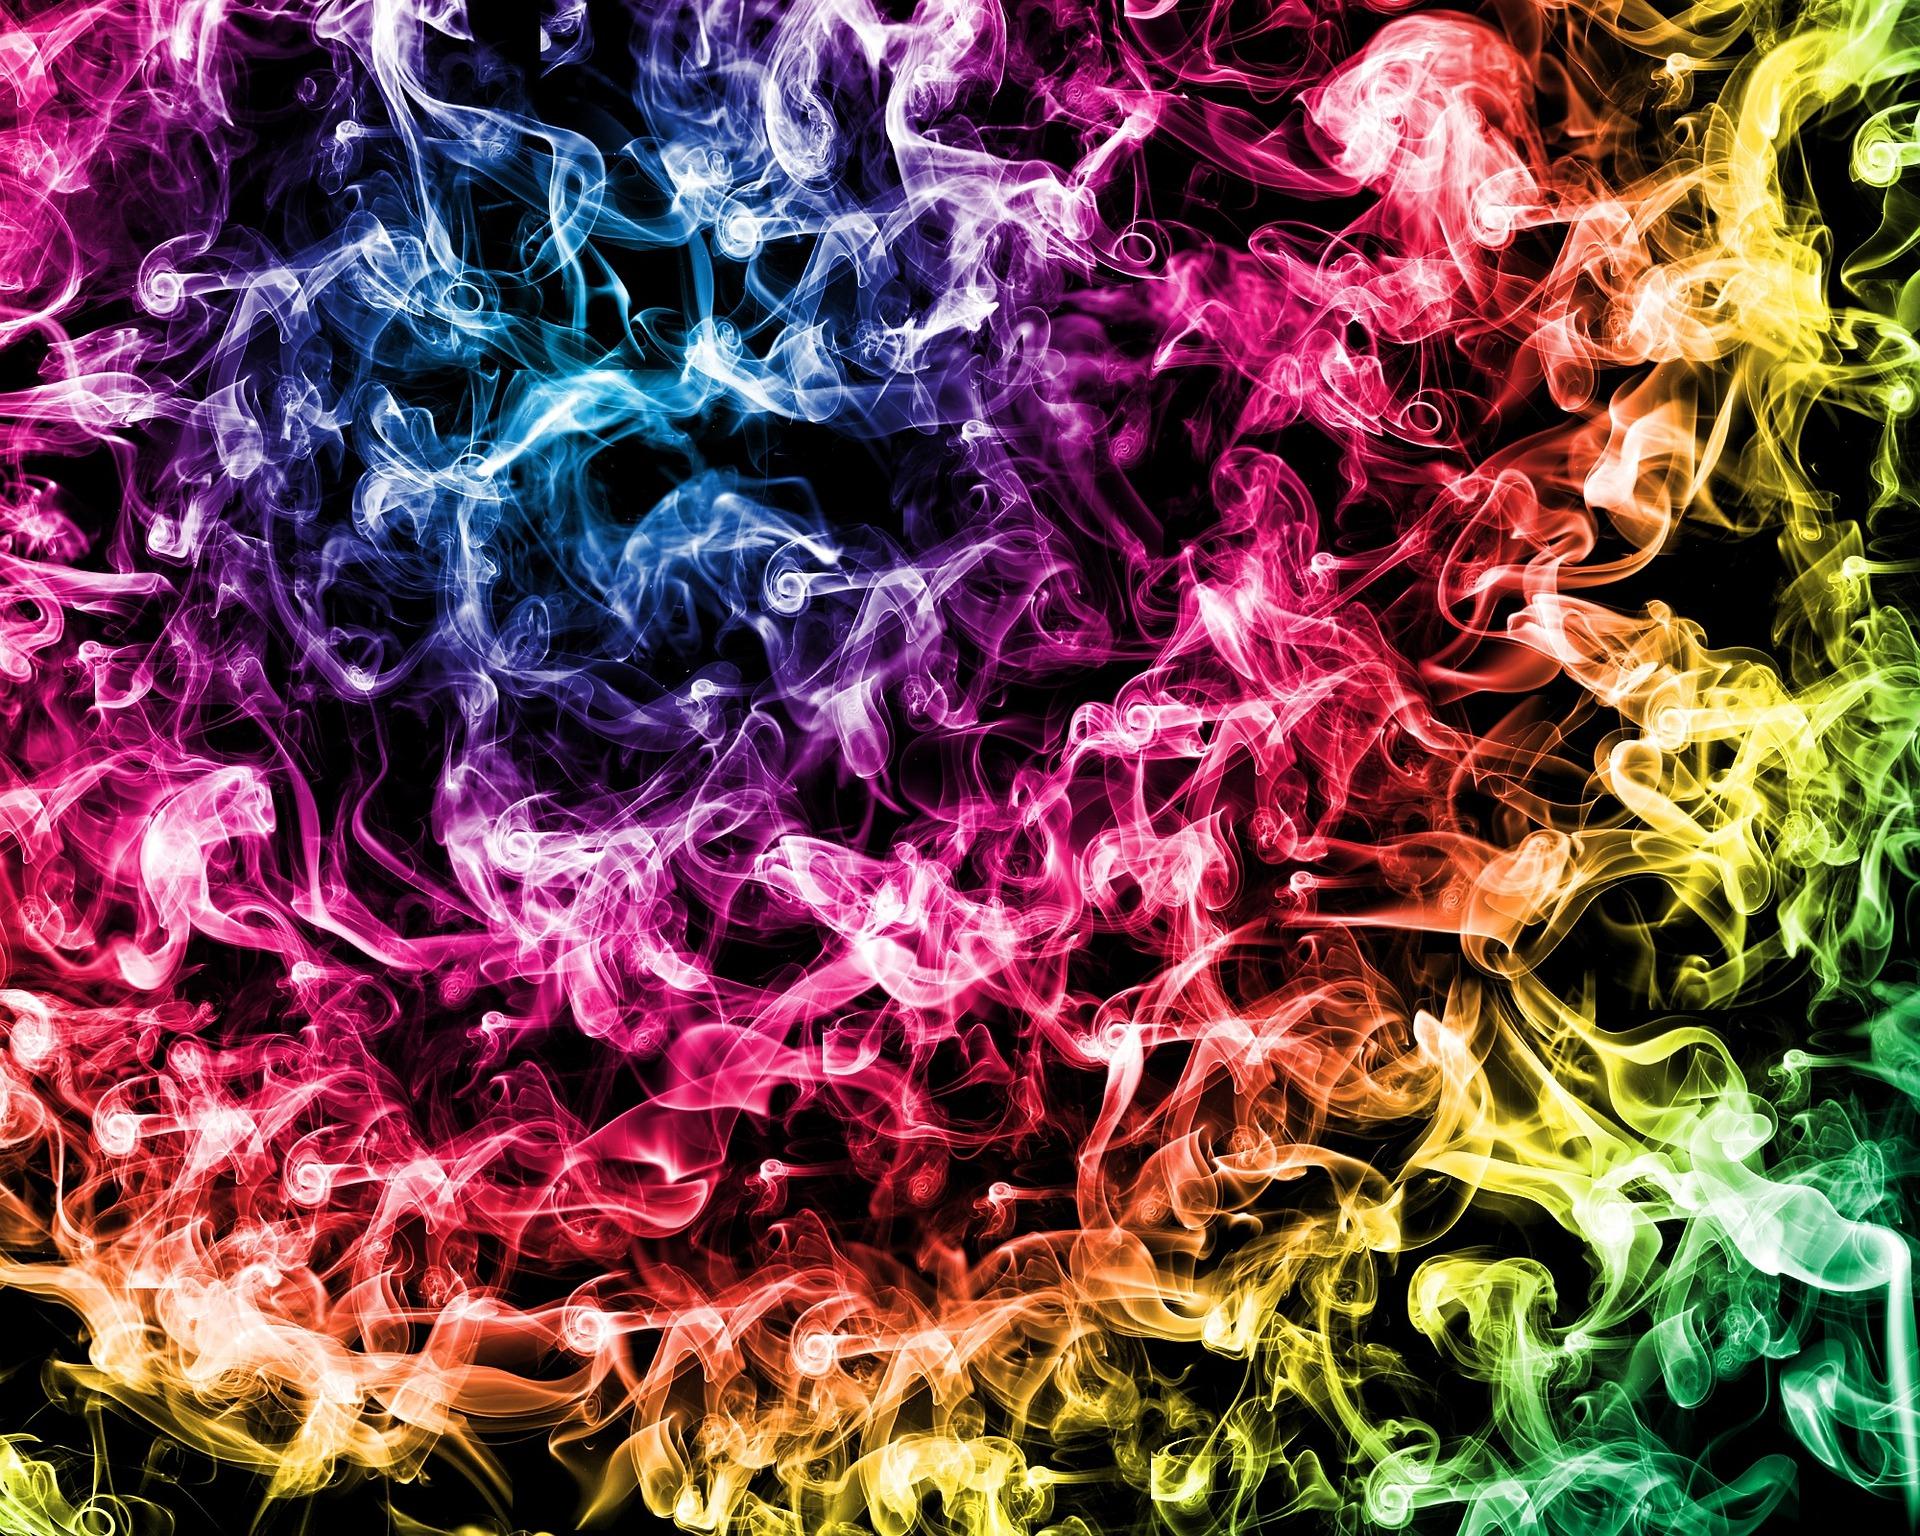 smoke-659466_1920.jpg